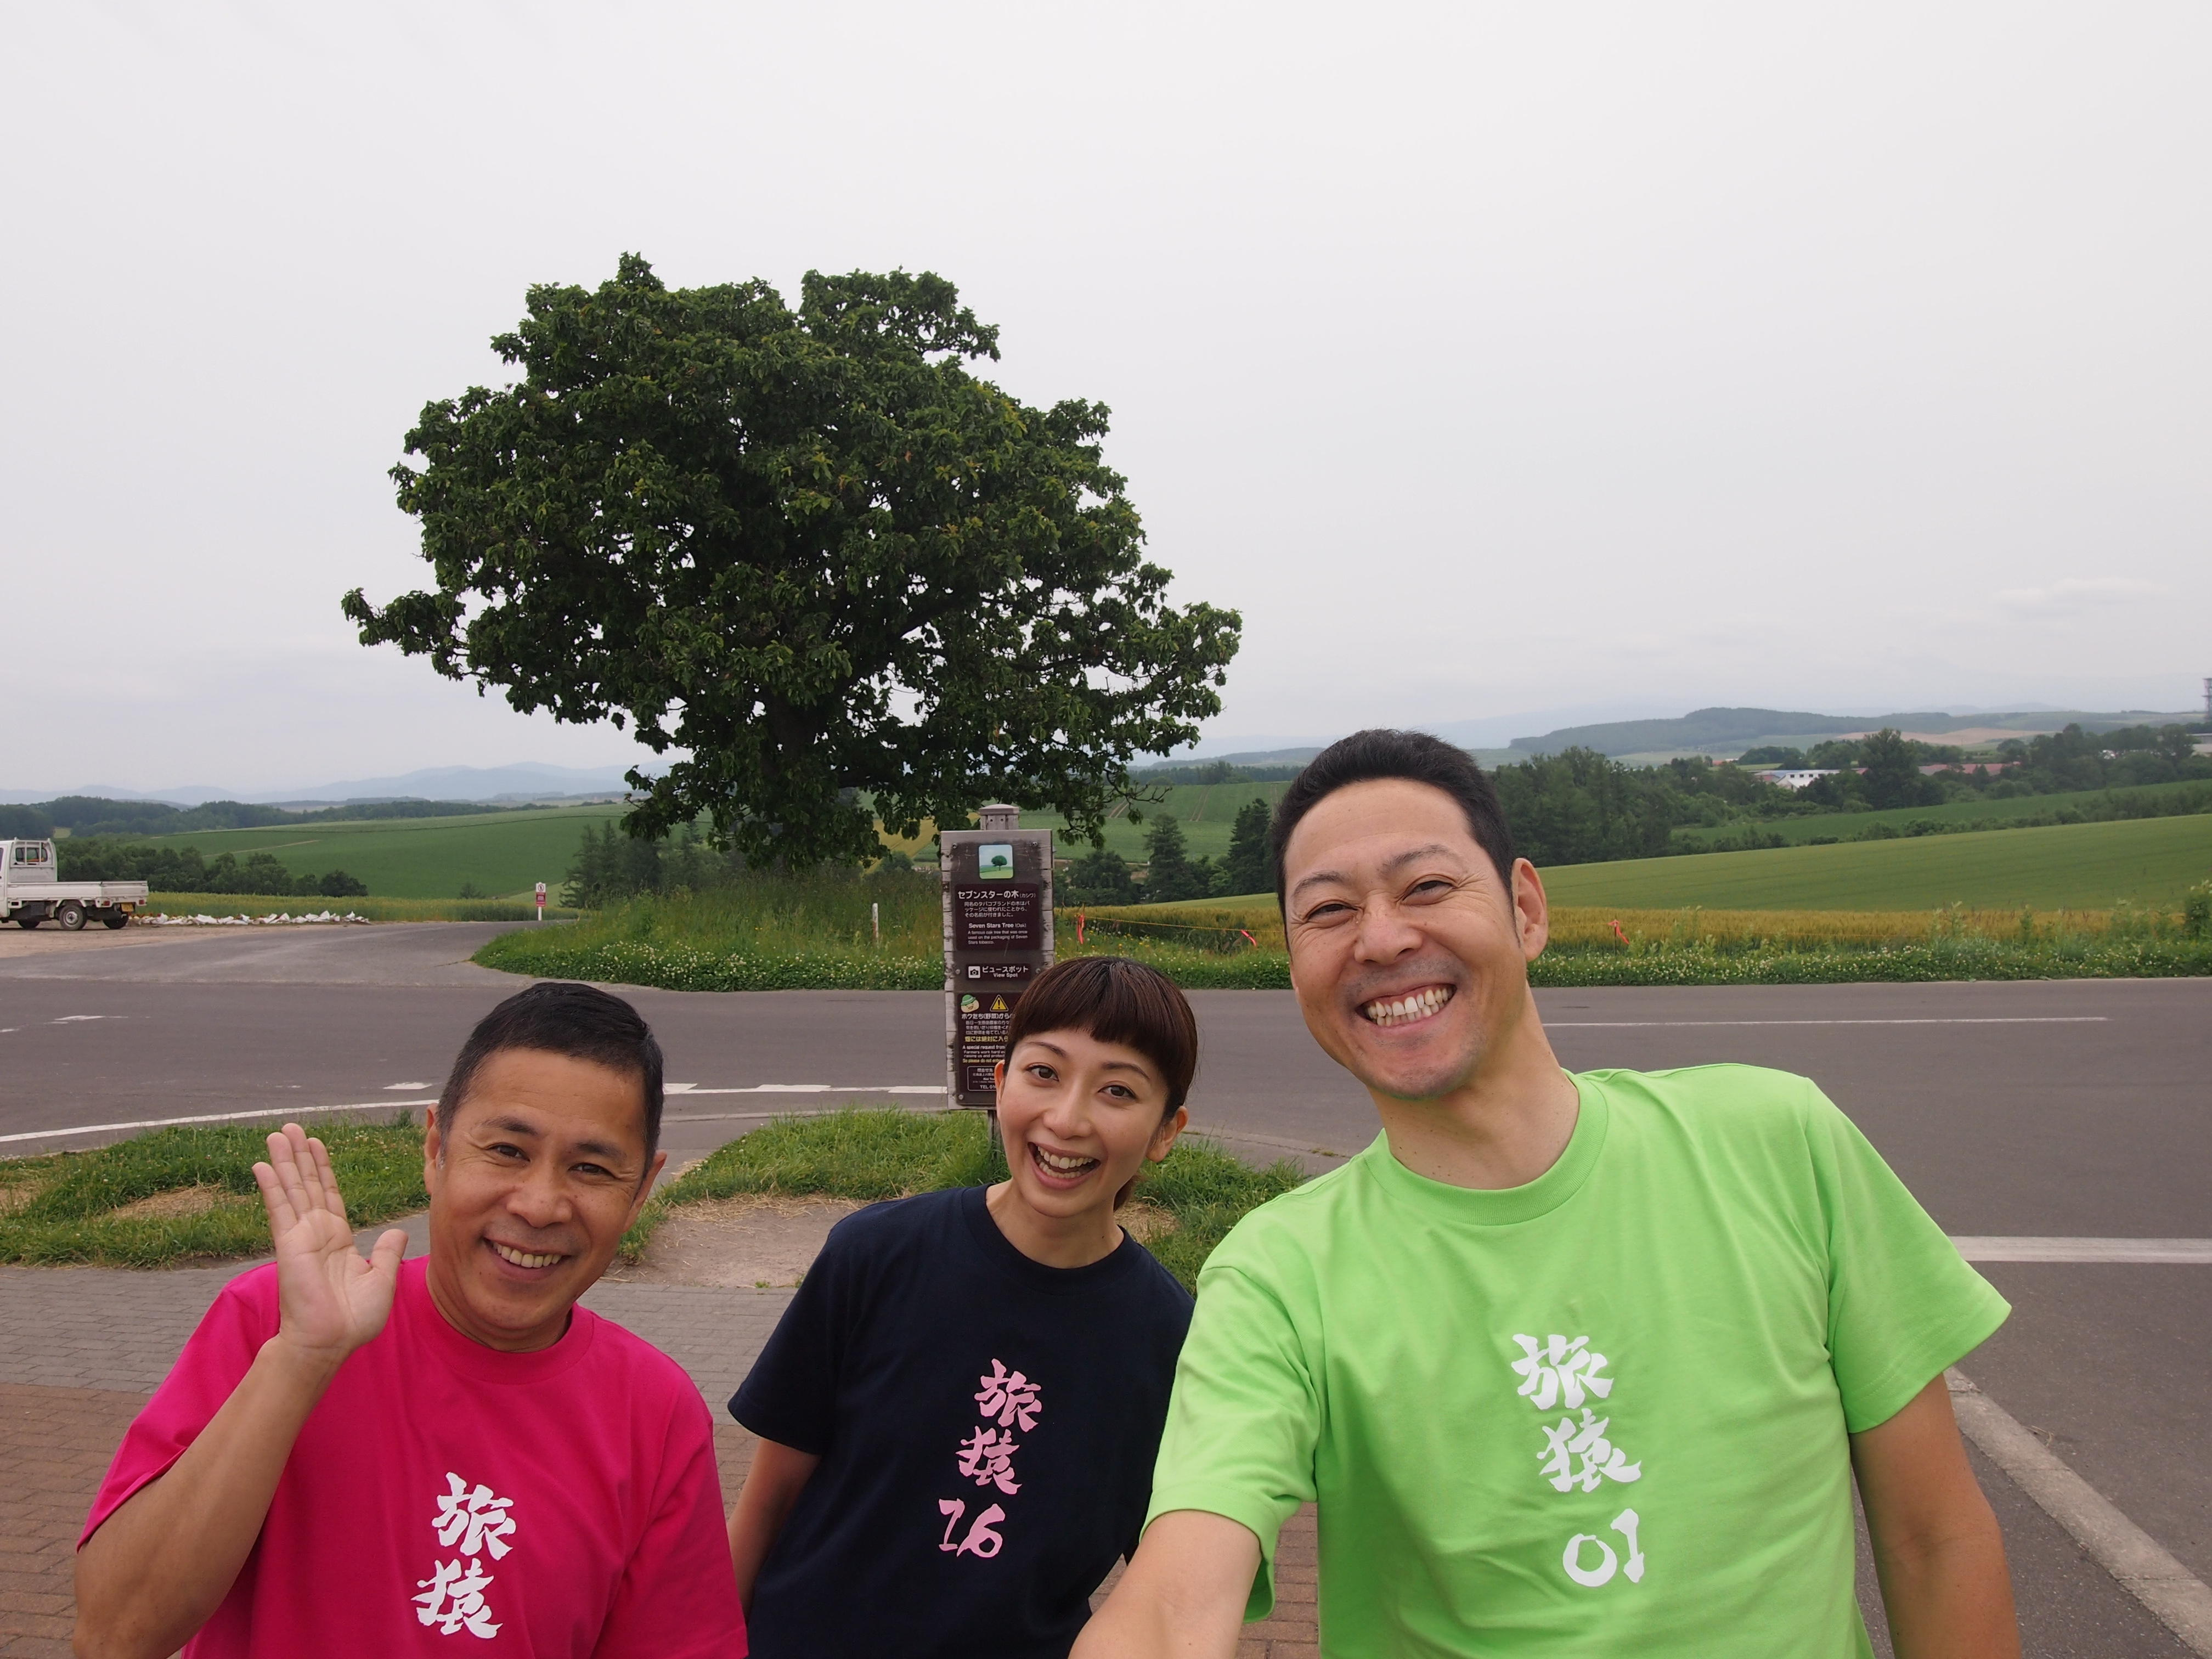 http://news.yoshimoto.co.jp/20170210144612-eff8e5f834a1b616ea6886d6d45f86403543e691.jpg